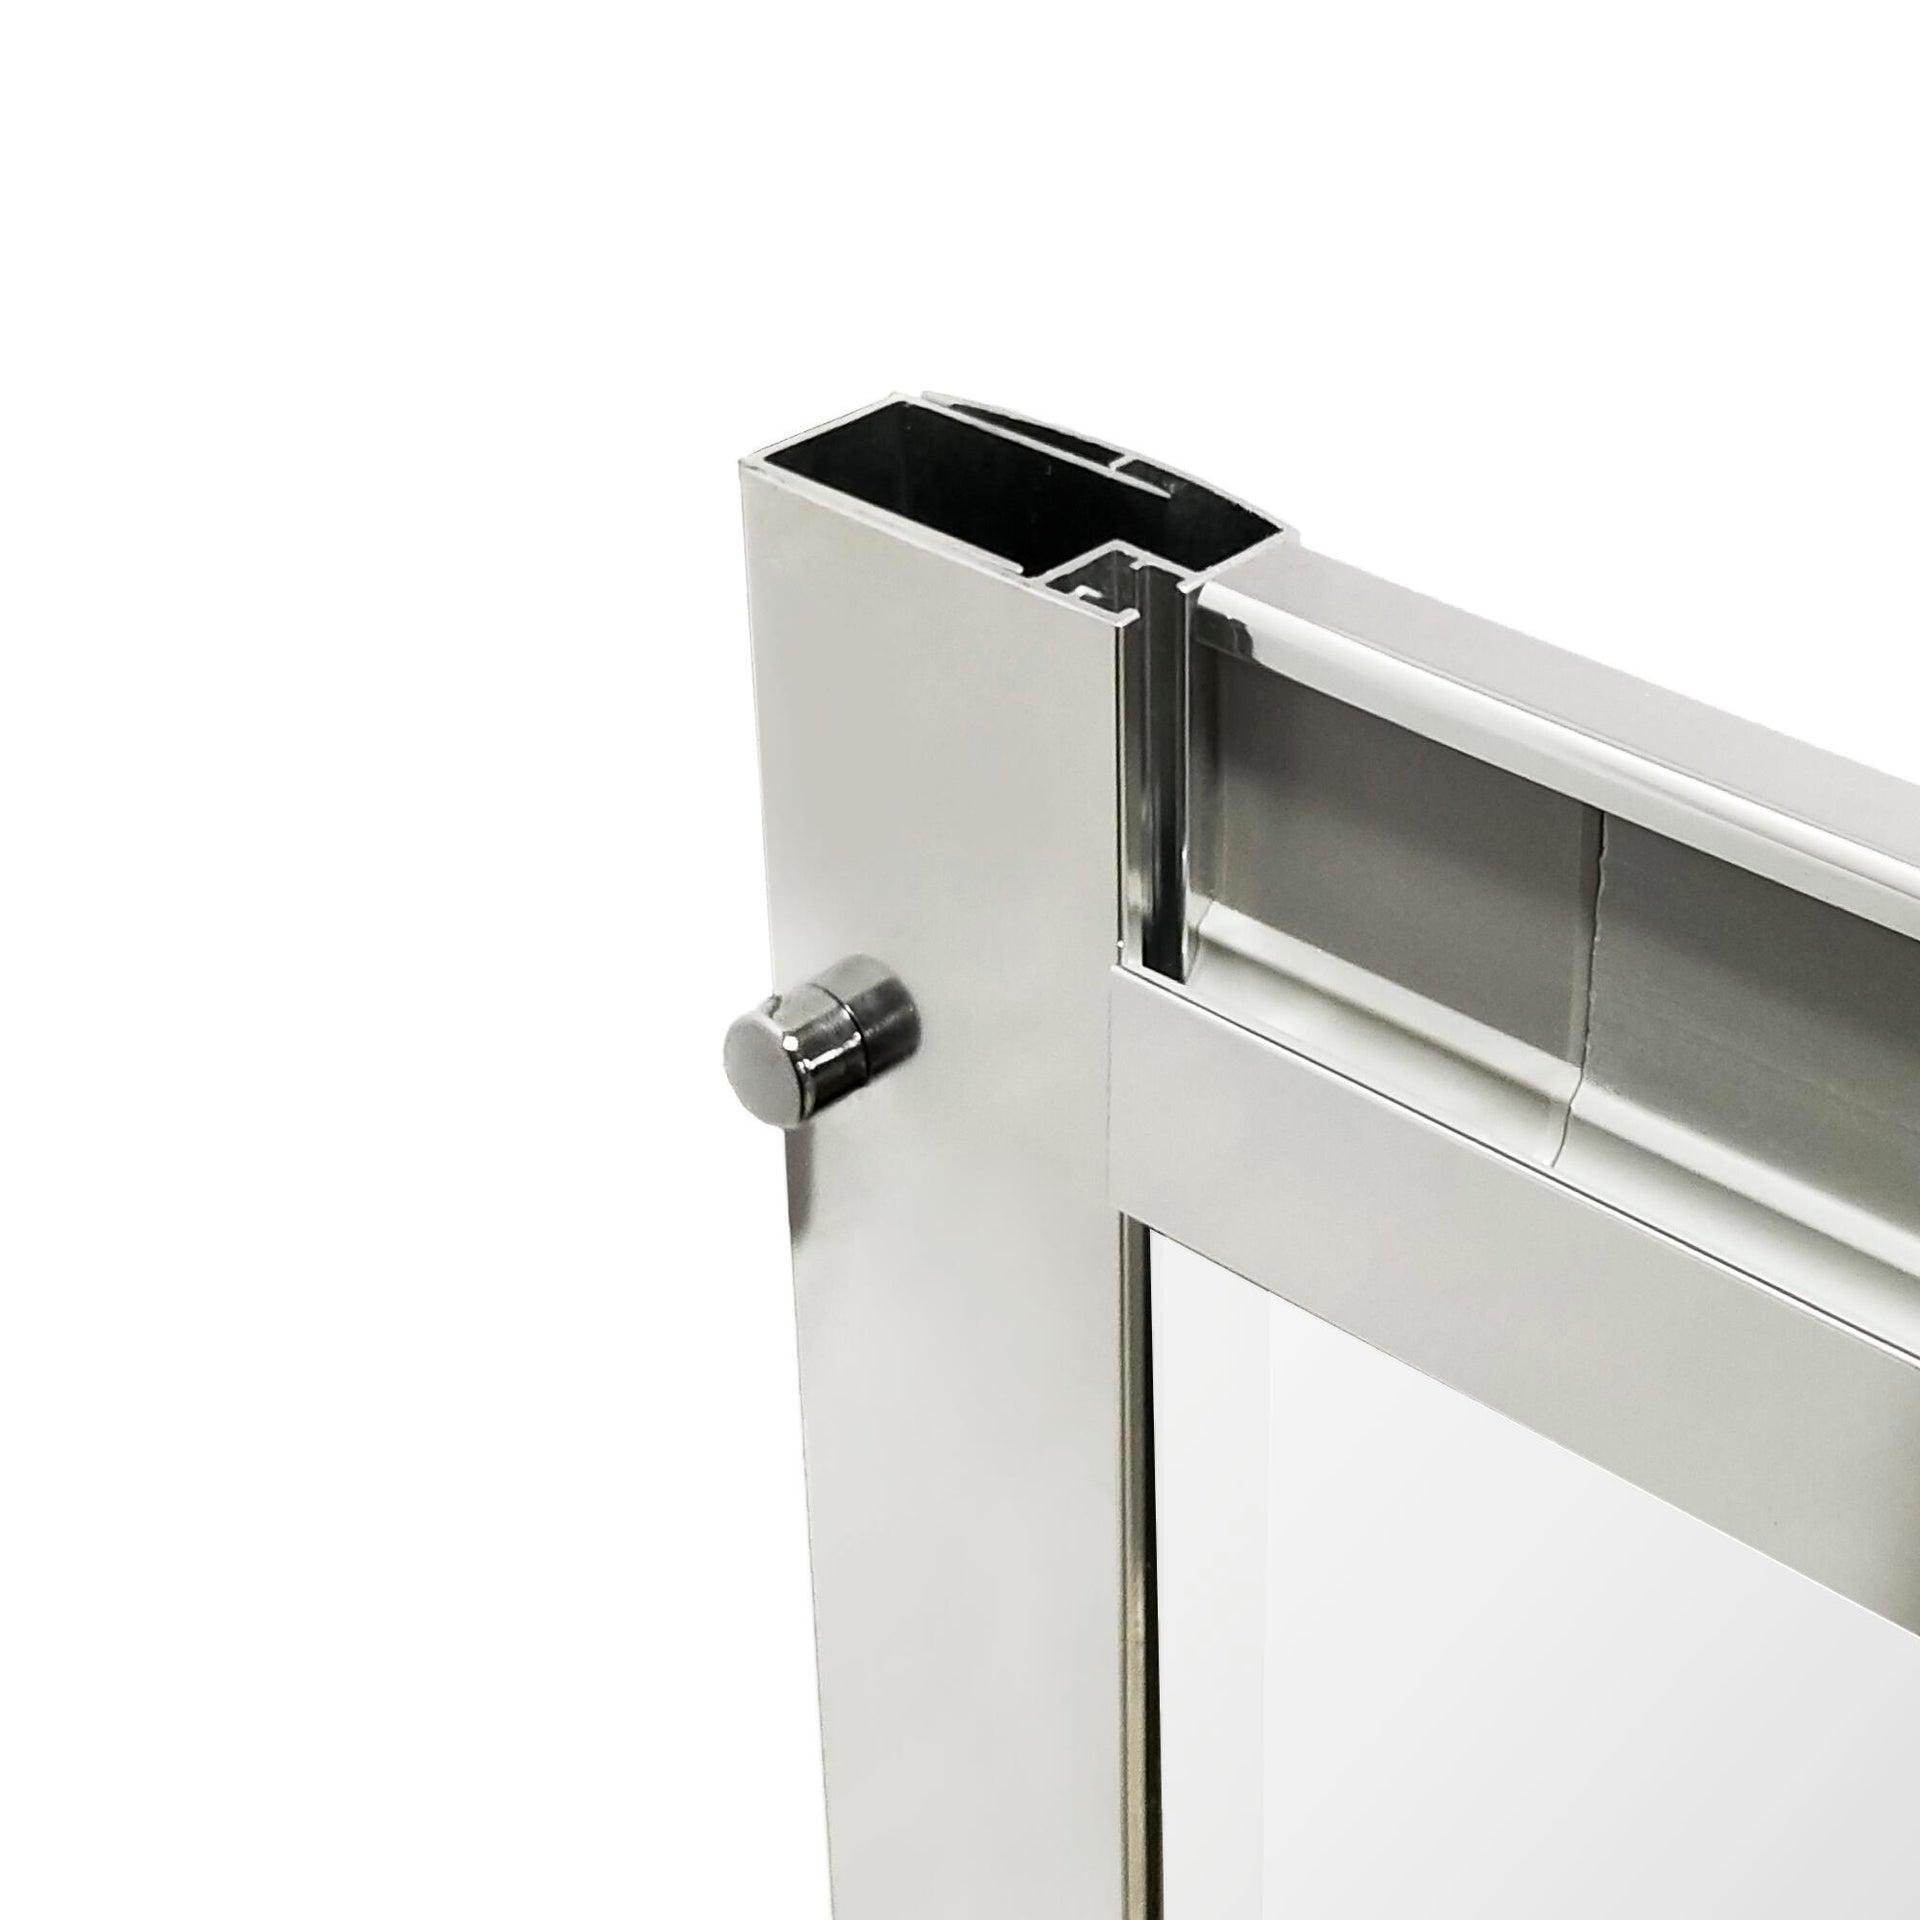 Box doccia rettangolare scorrevole Essential 70 x 100 cm, H 185 cm in vetro temprato, spessore 4 mm trasparente cromato - 8